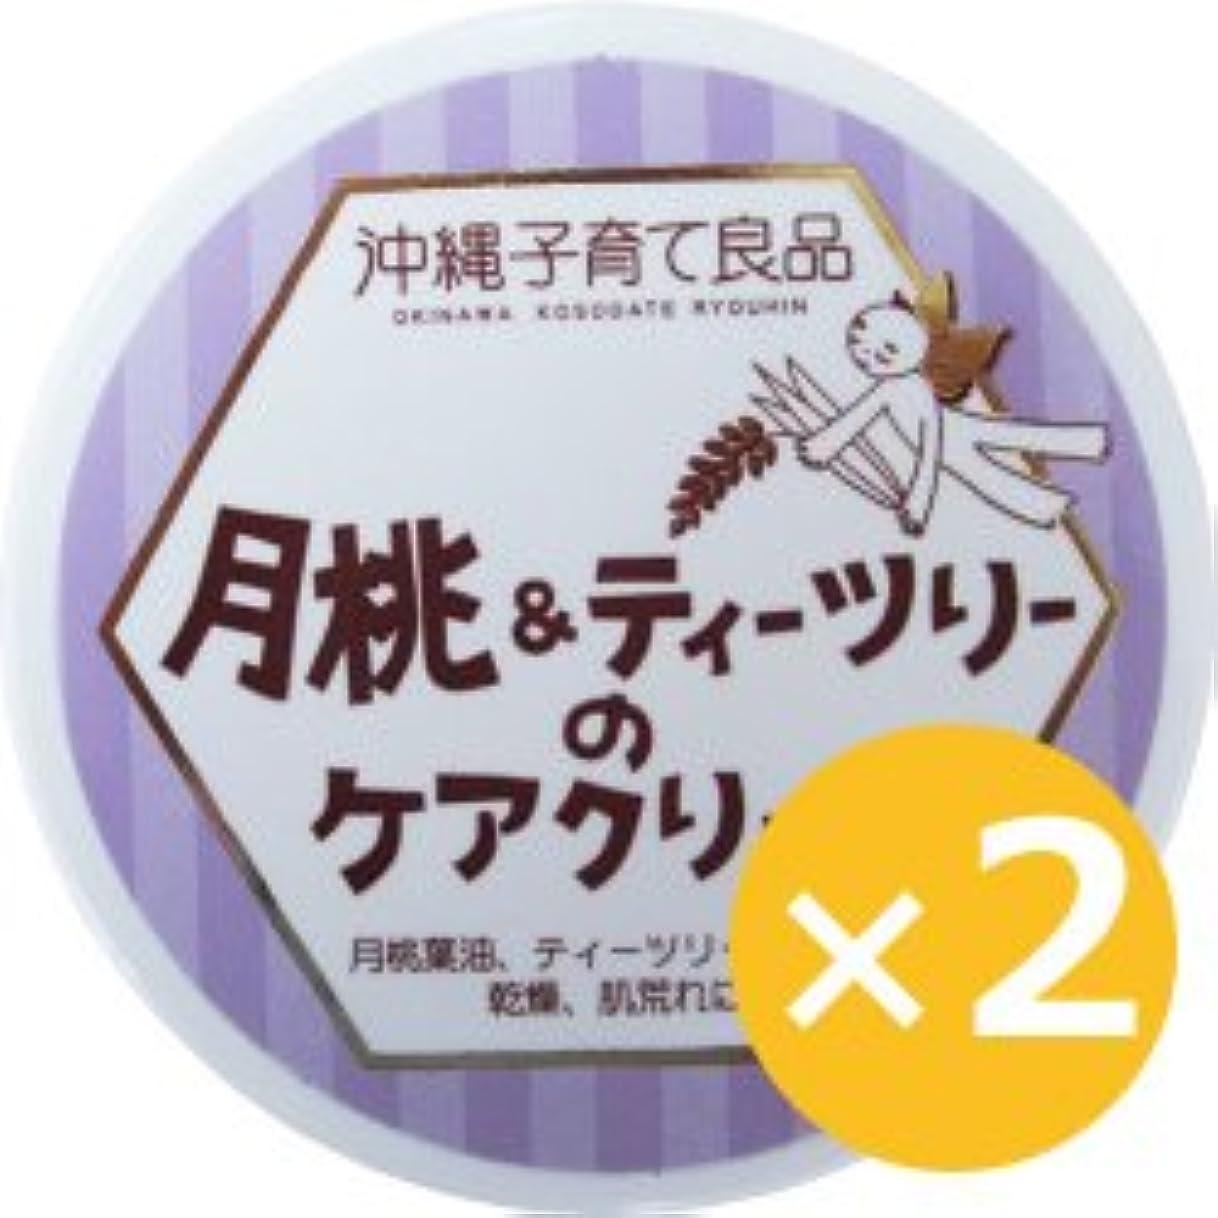 誠実さスタンド戦士月桃&ティーツリークリーム 25g×2